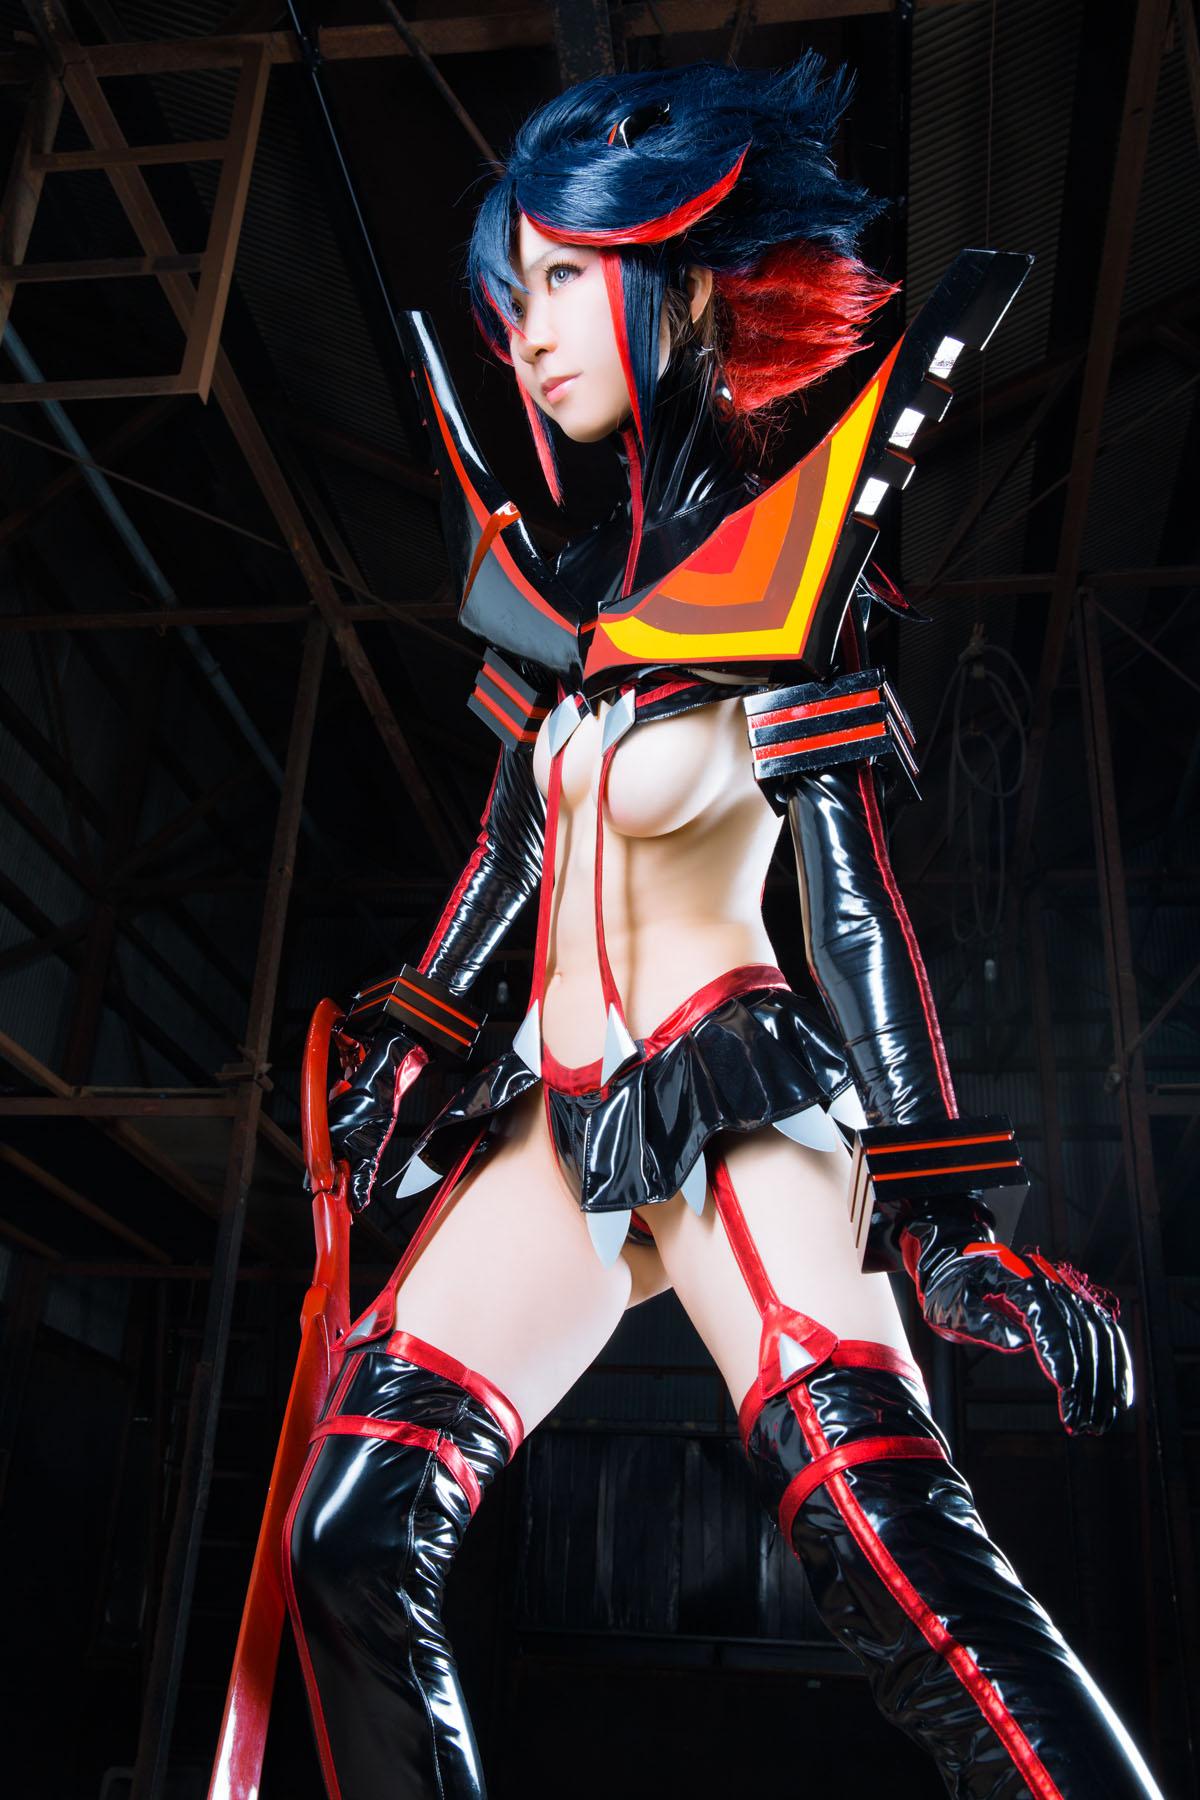 Kill la Kill Ryuuko Matoi anime cosplay by Mikehouse 0037